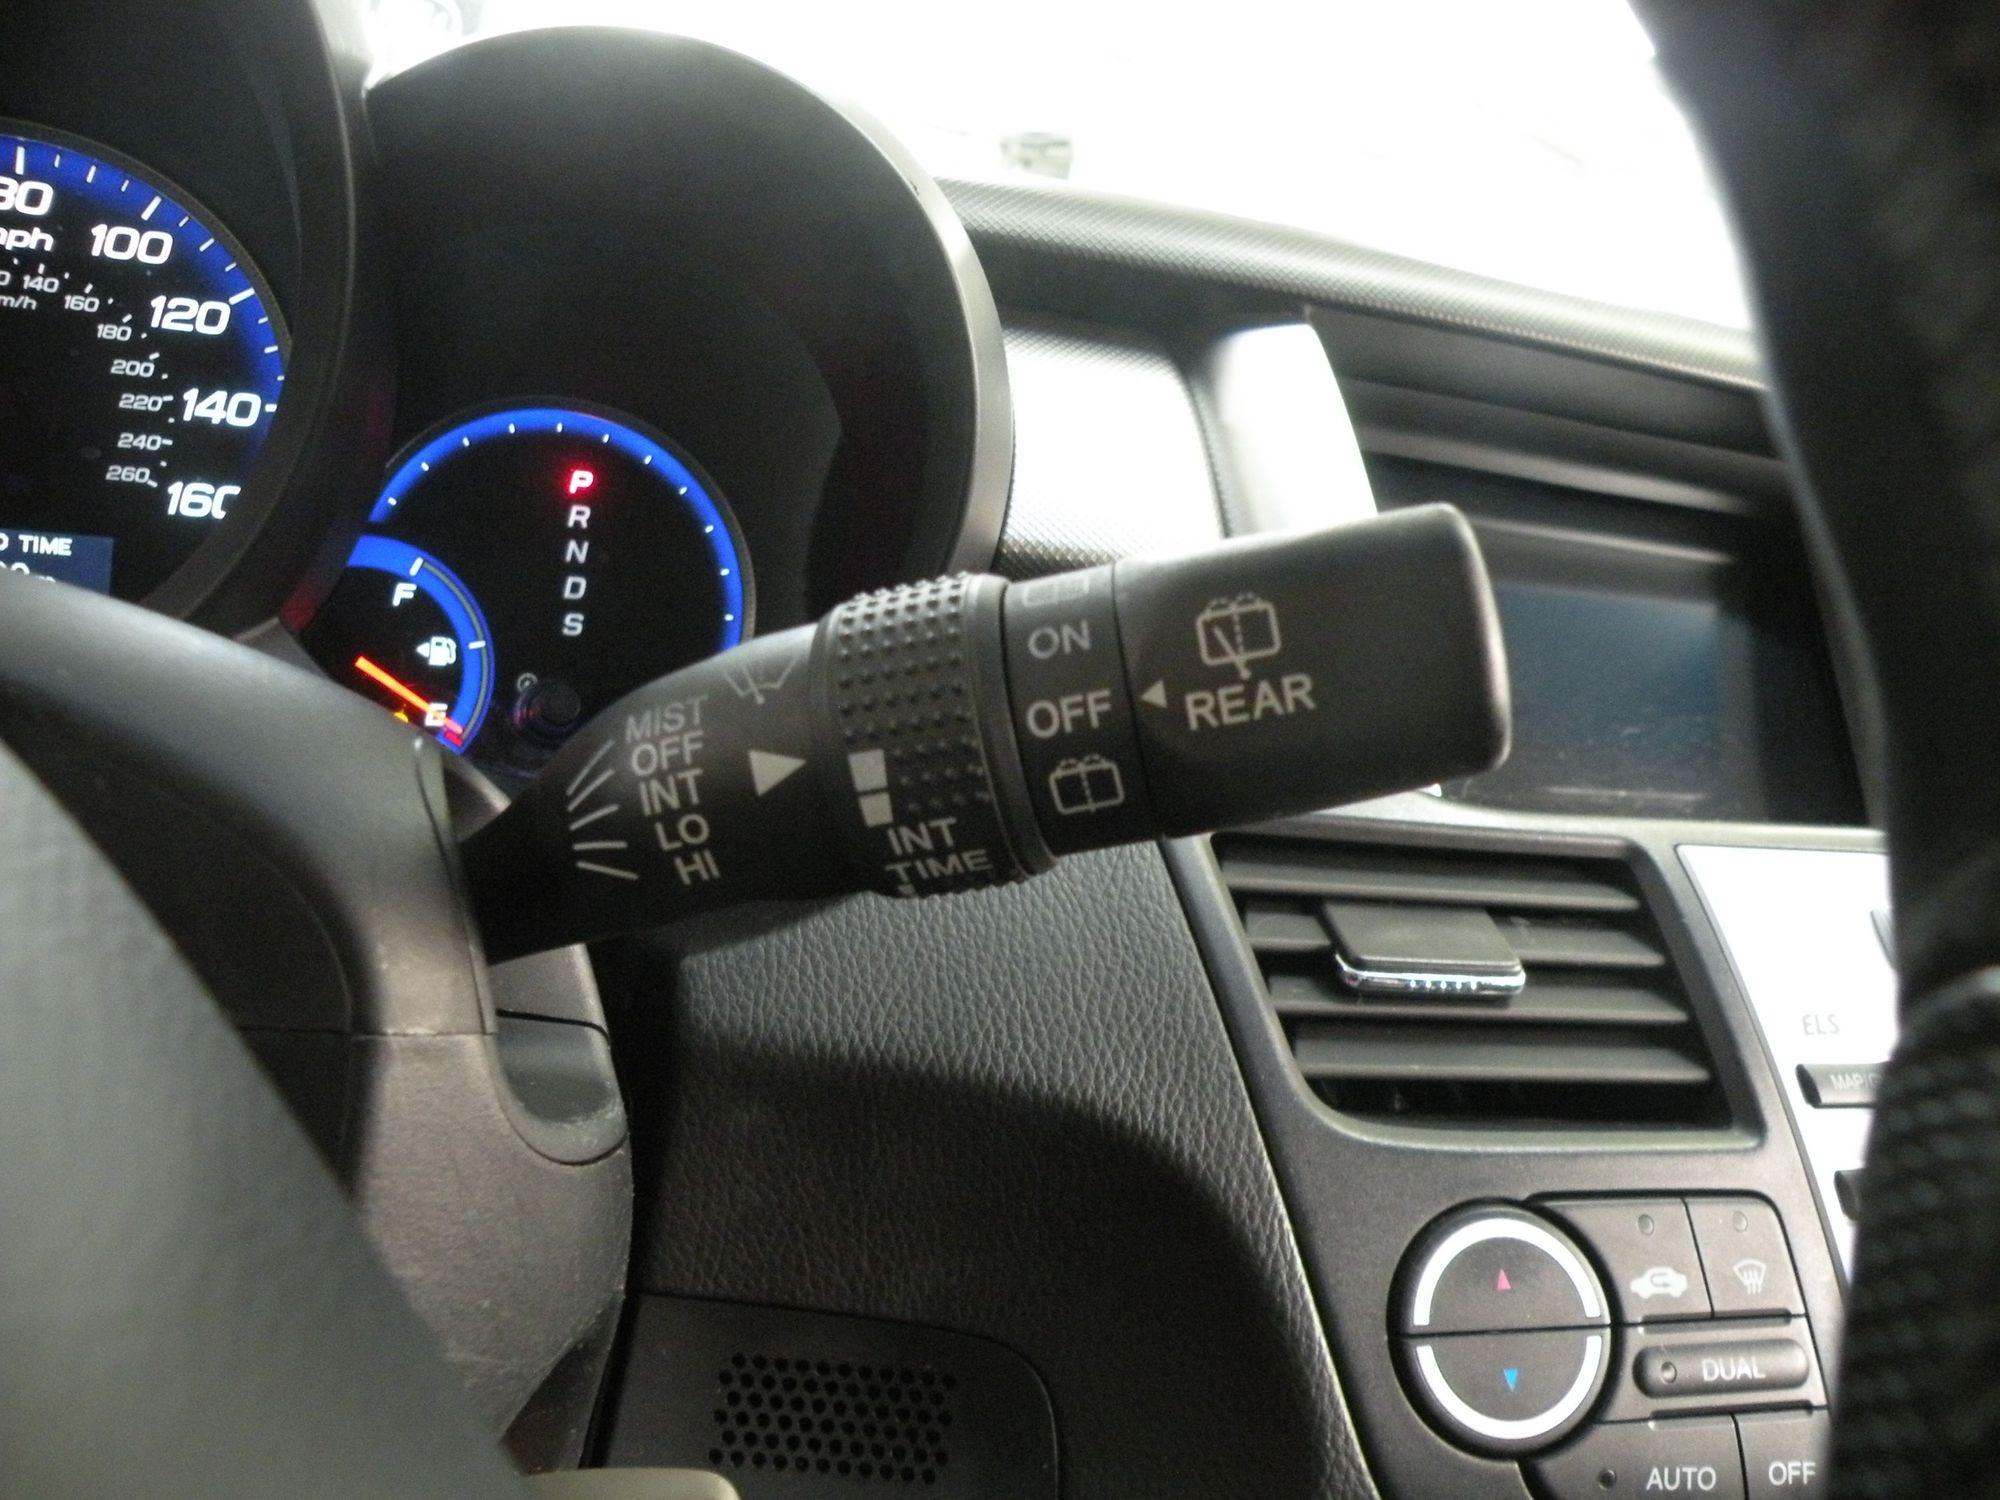 2007 Acura RDX SH AWD w Tech